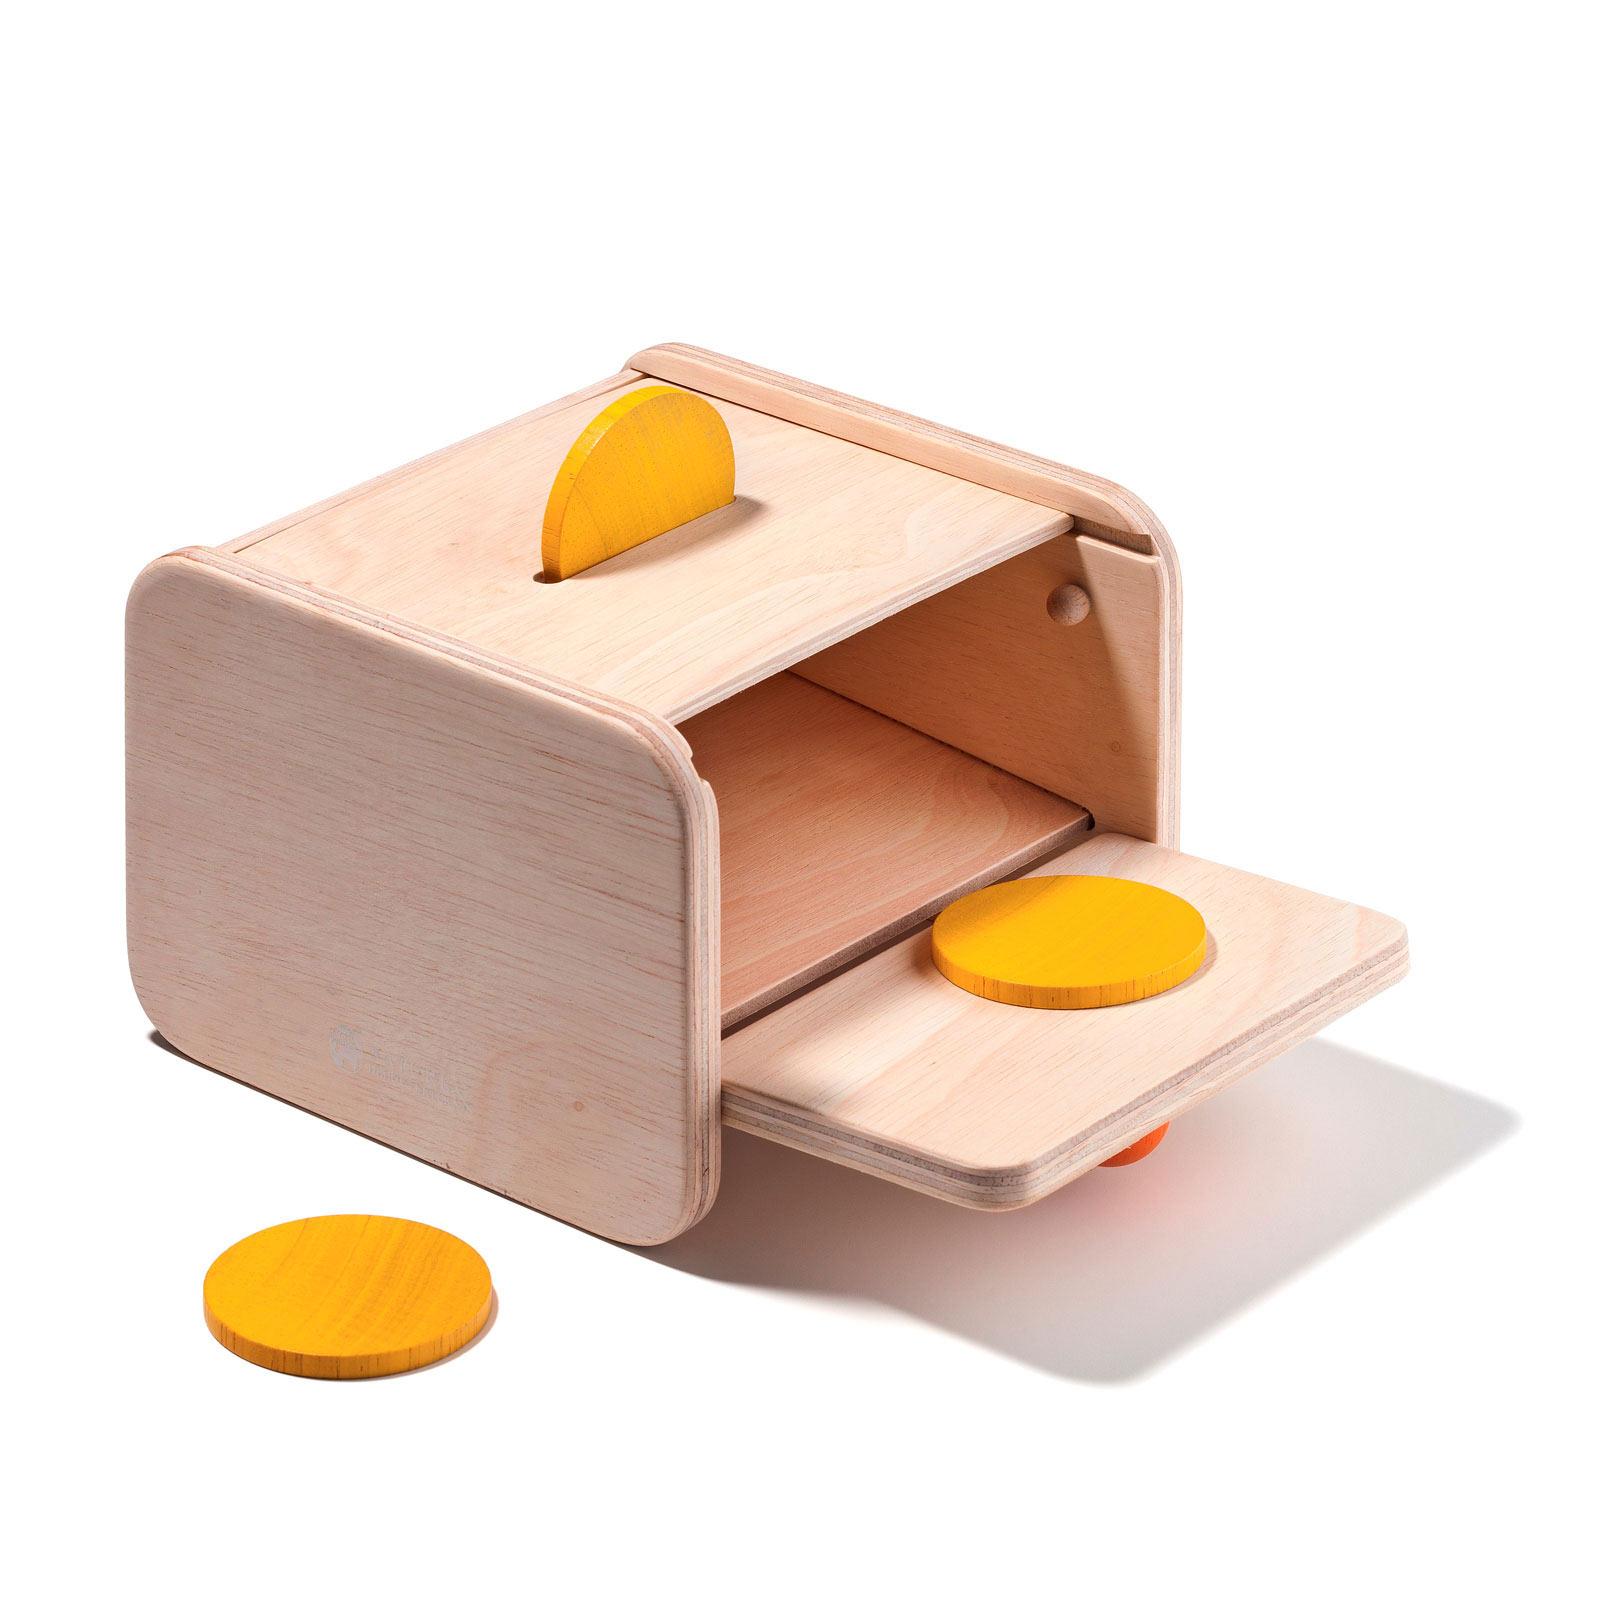 Boîte De Notion De Permanence De L'objet encequiconcerne Boite À Forme Montessori